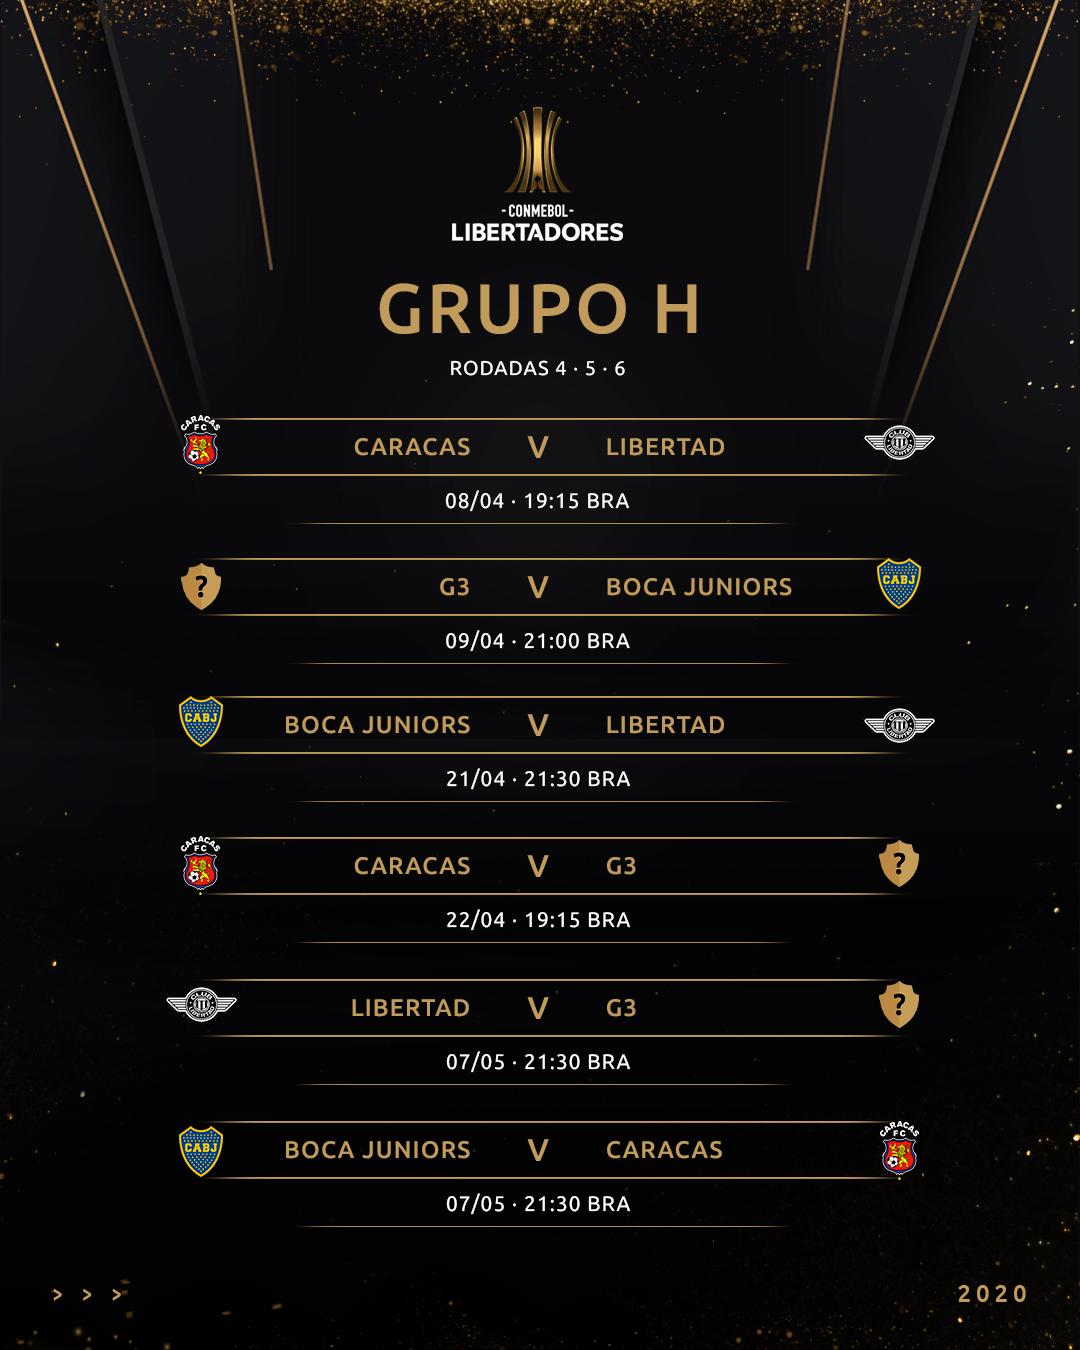 Grupo H Libertadores 4, 5 e 6